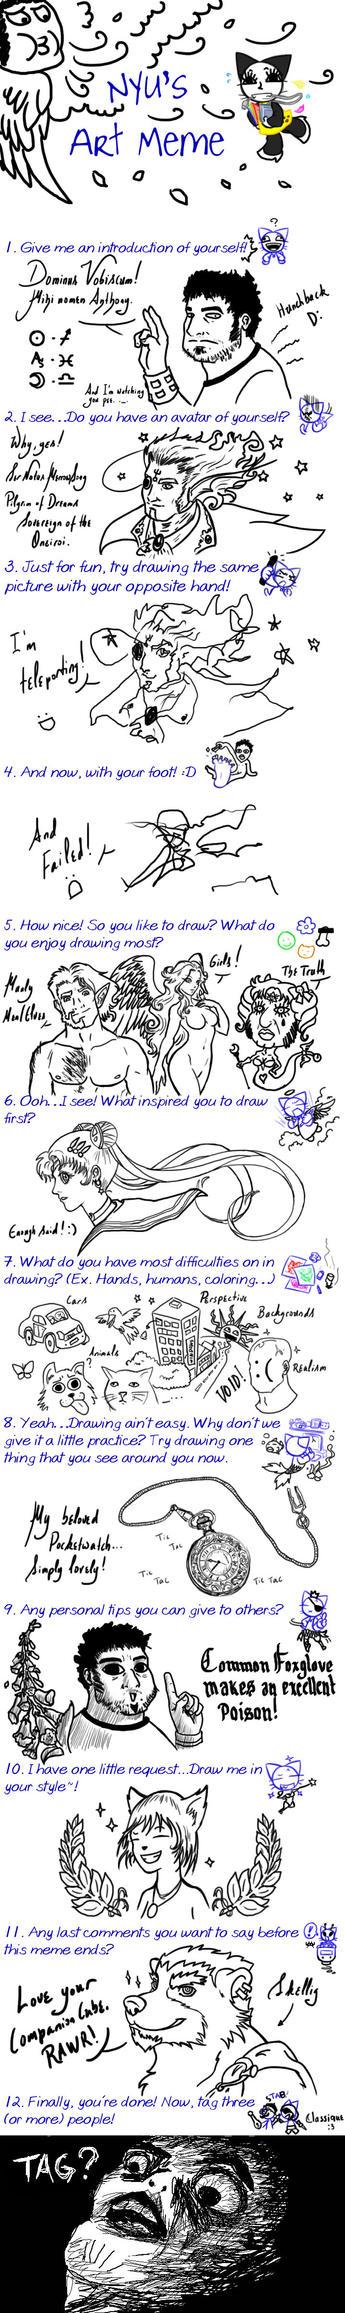 Nyu's Art Meme - Notus Version by Zephind